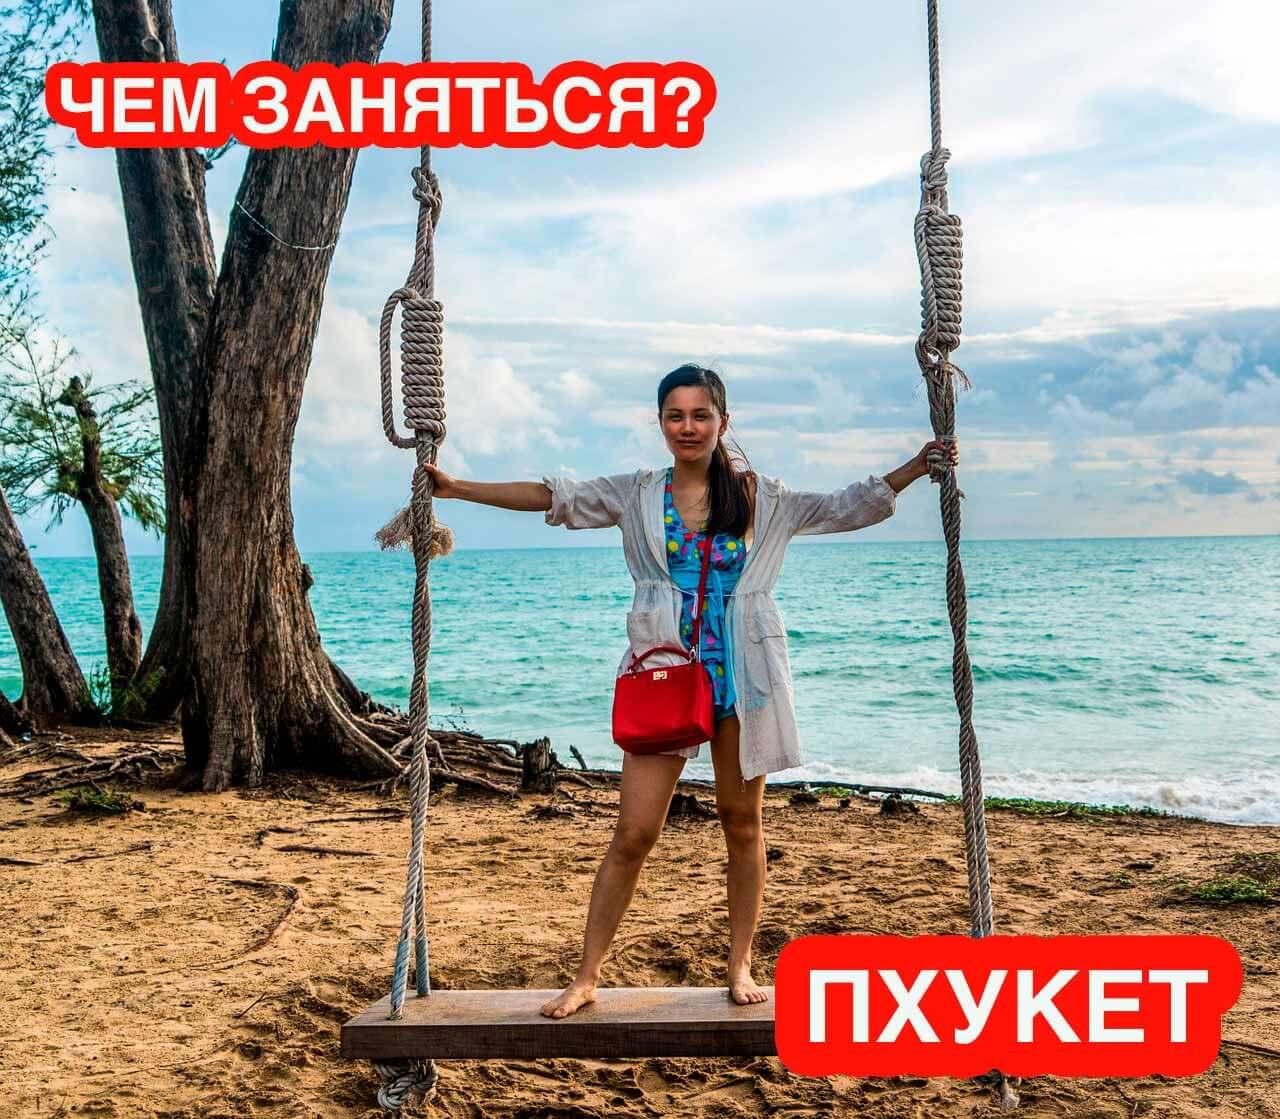 Пхукет: чем заняться и какие экскурсии посетить?